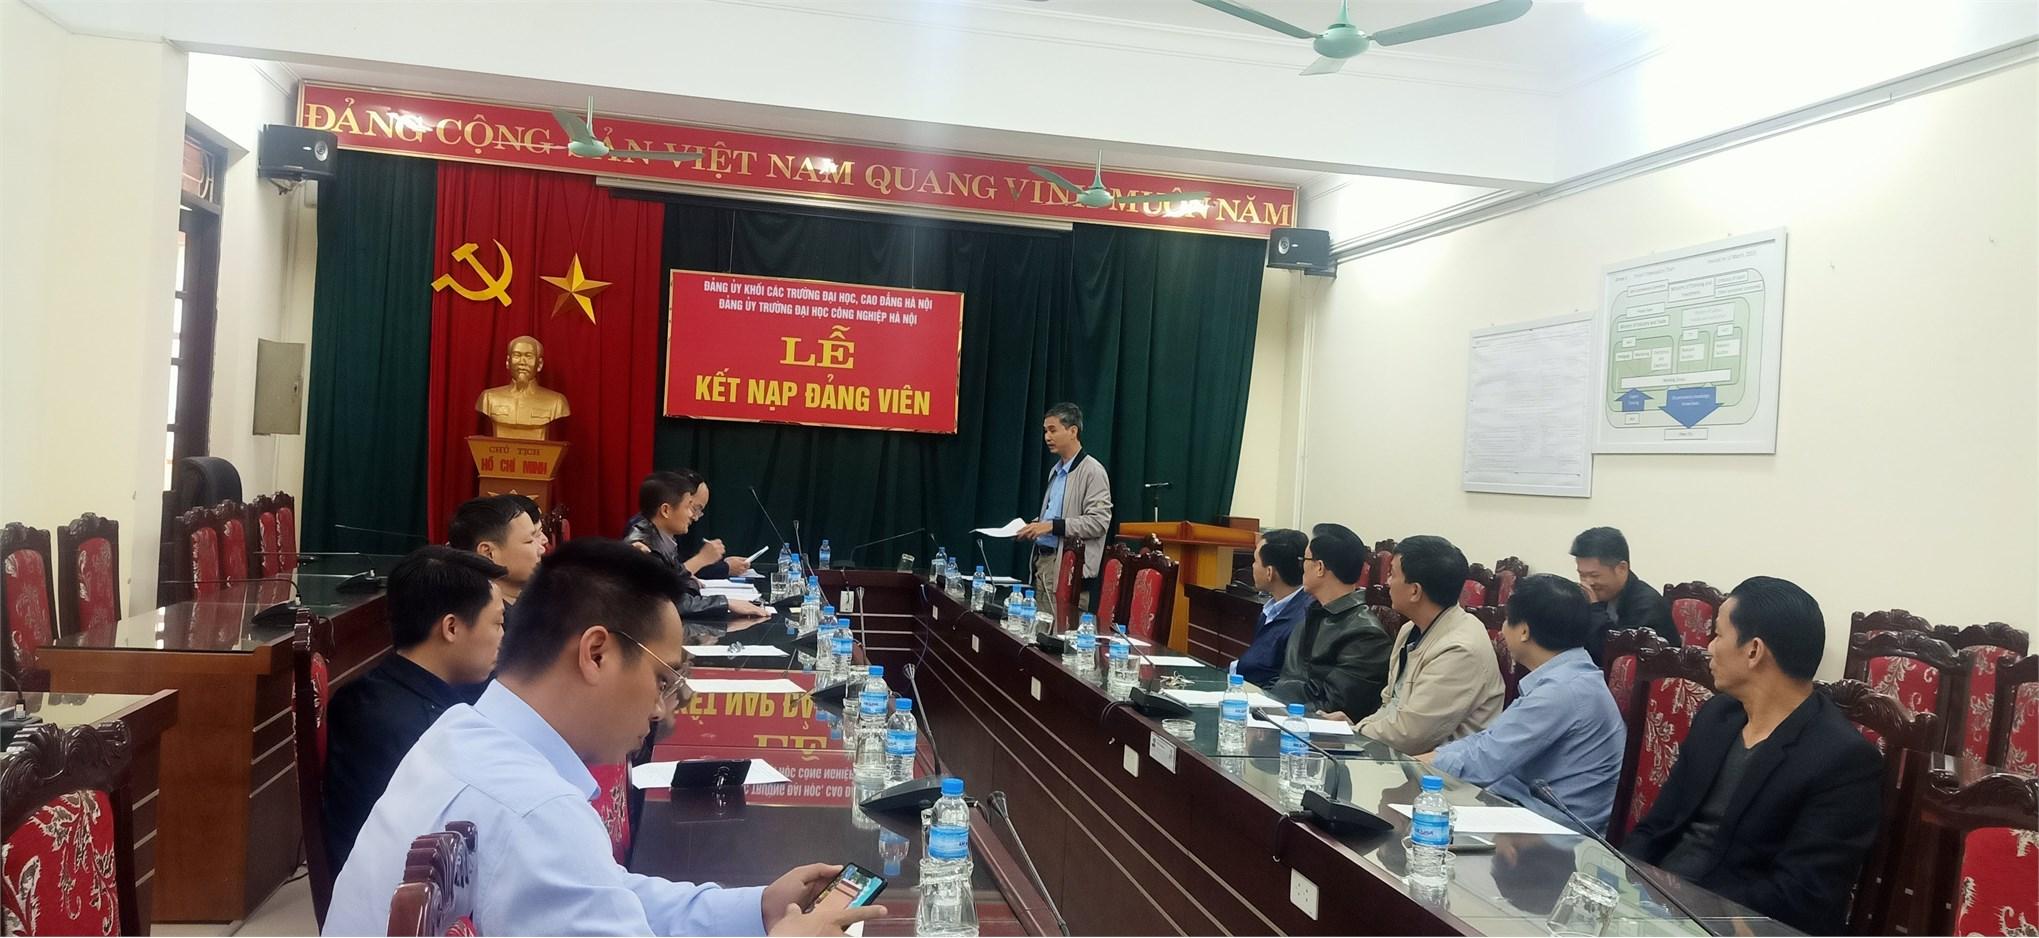 Chi bộ Trung tâm Việt Nhật tổ chức hội nghị tổng kết năm 2020 và chia tay Đảng viên nghỉ hưu theo chế độ